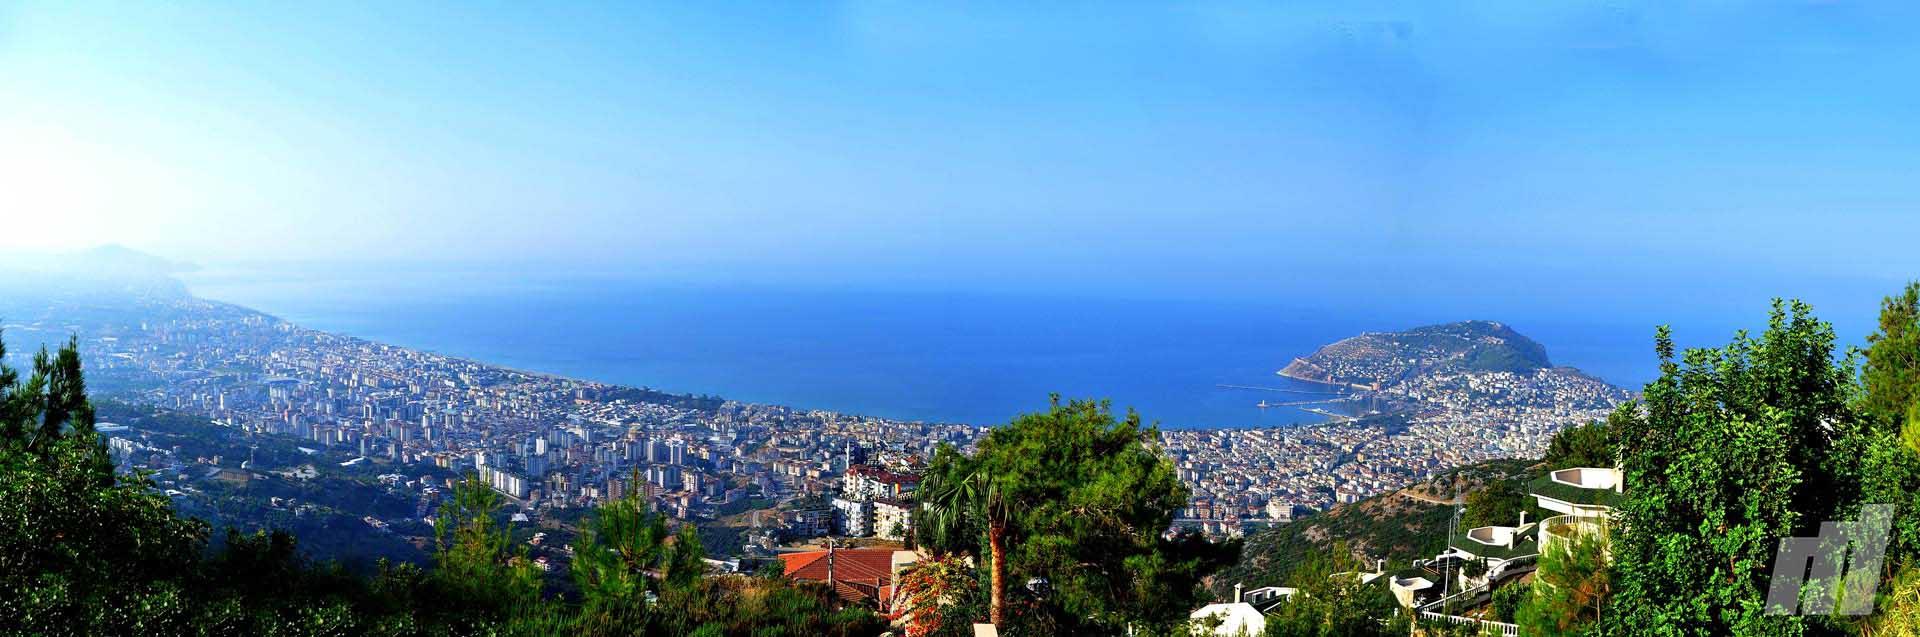 Купить частный дом в турции у моря недорого